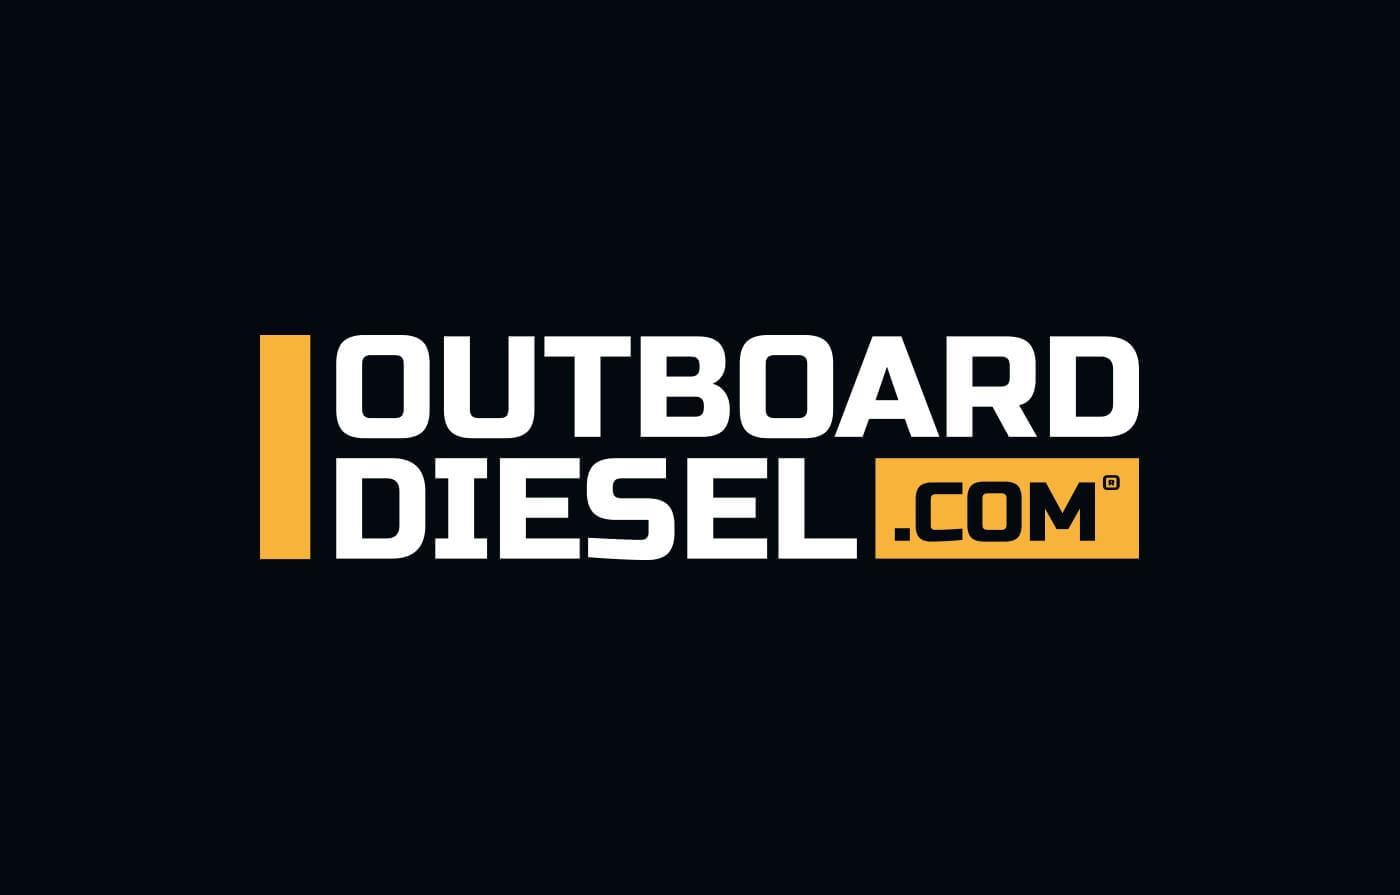 2016 Outboard Diesel logo